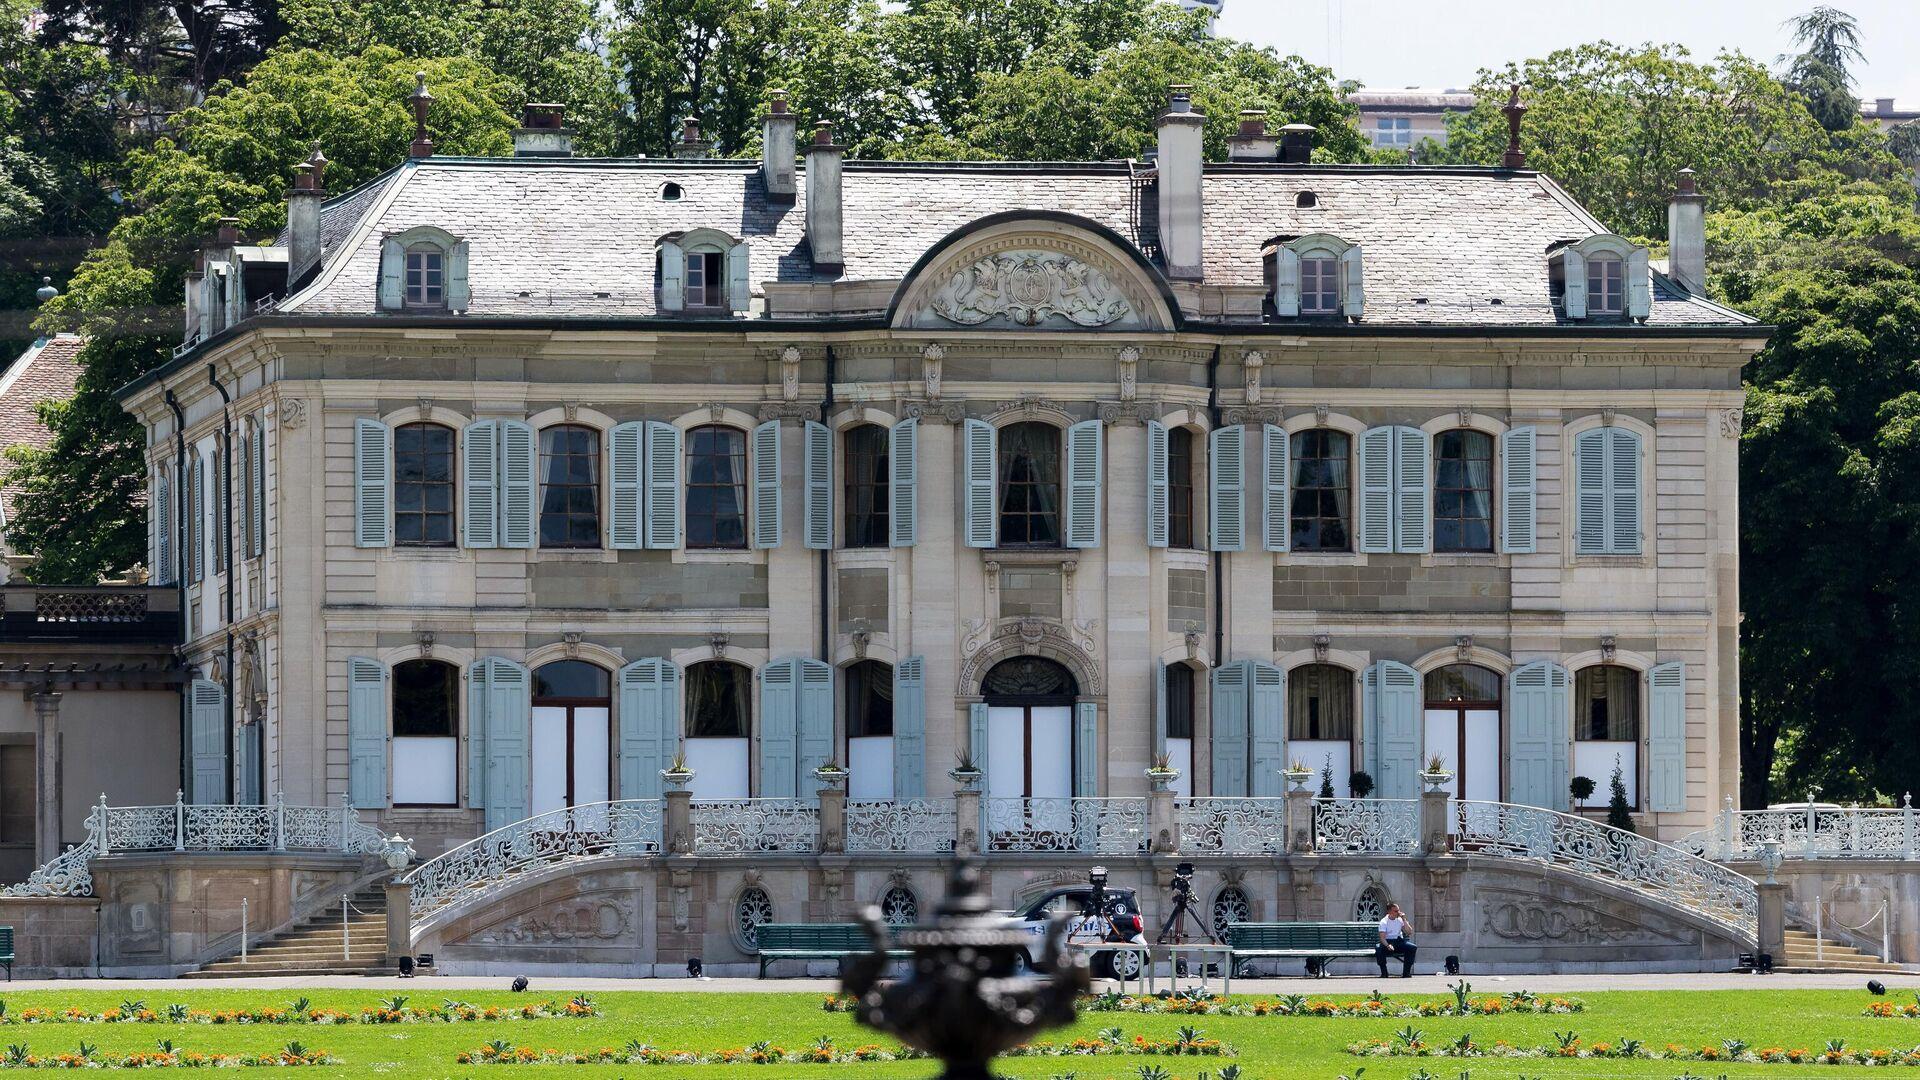 Вилла Ла Грандж в Женеве, где пройдет саммит президентов России и США - РИА Новости, 1920, 16.06.2021